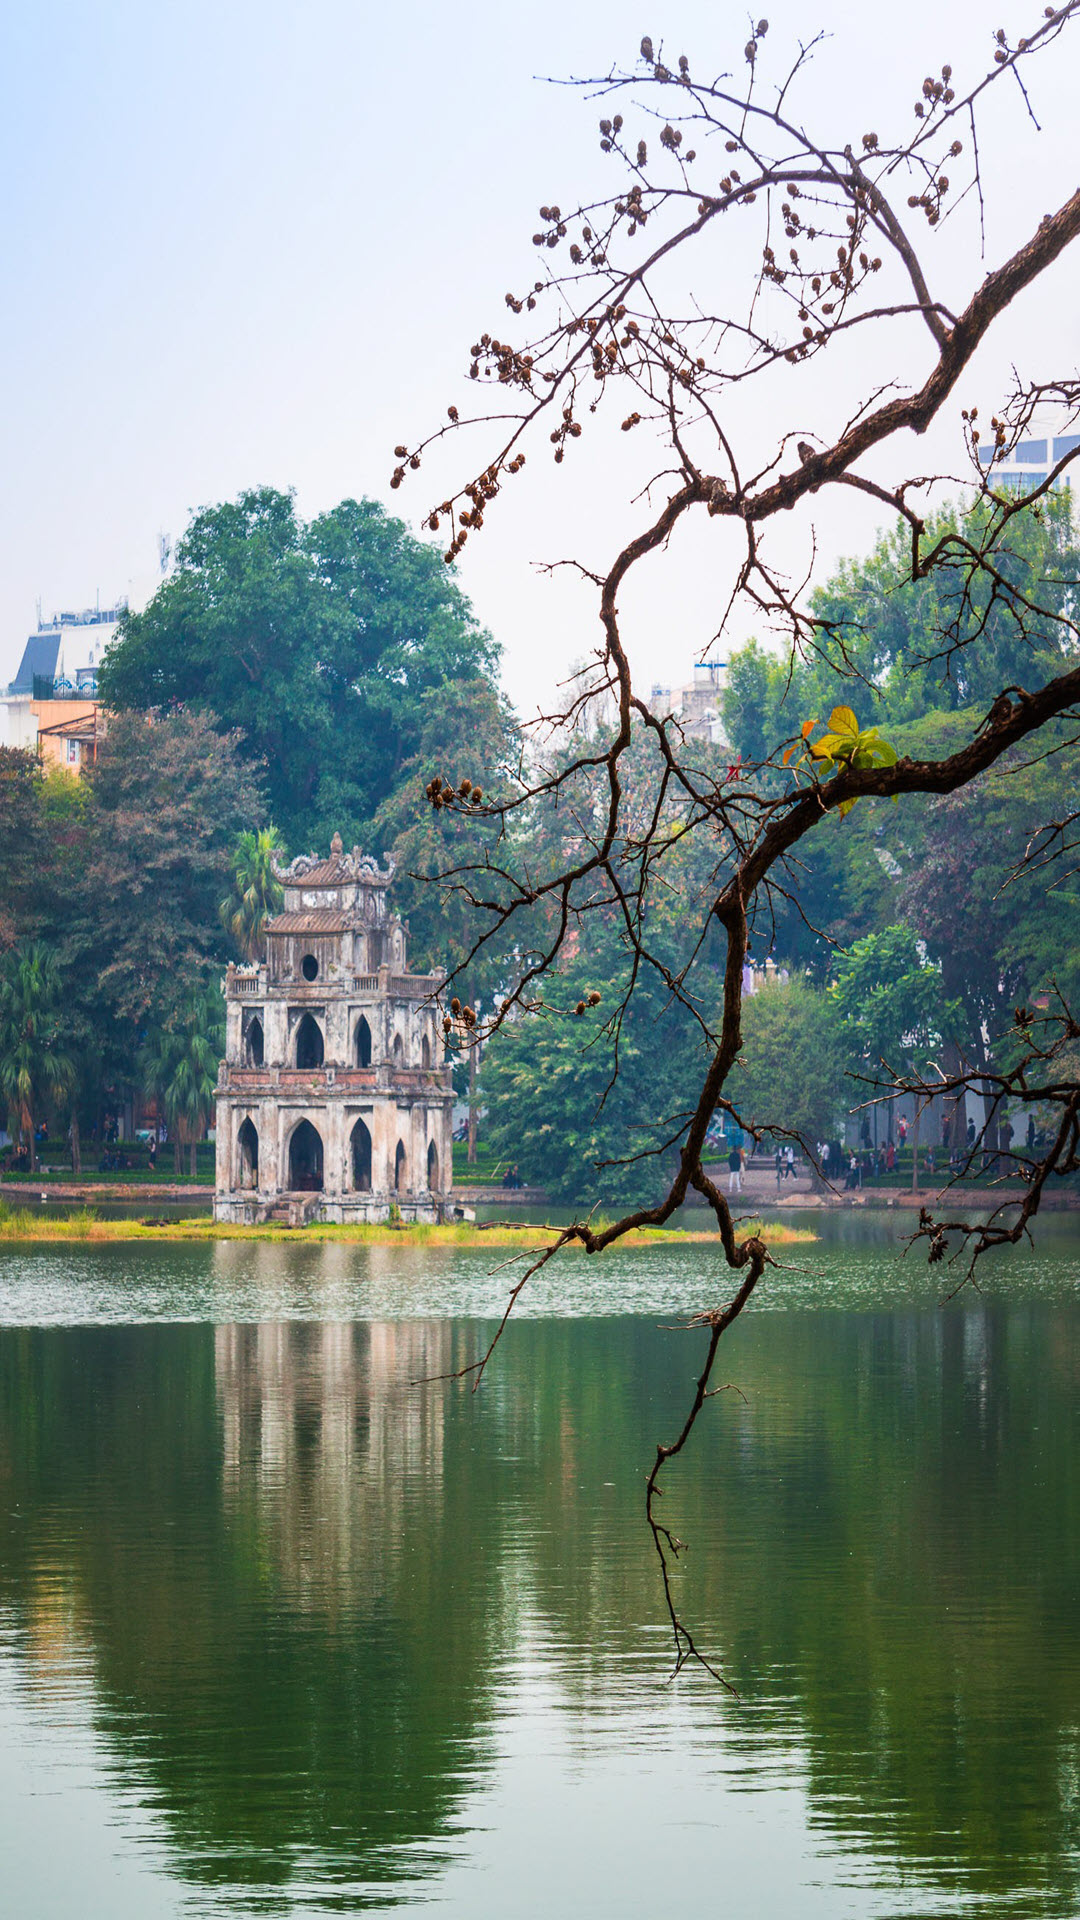 Hình nền Hồ Gươm Hà Nội